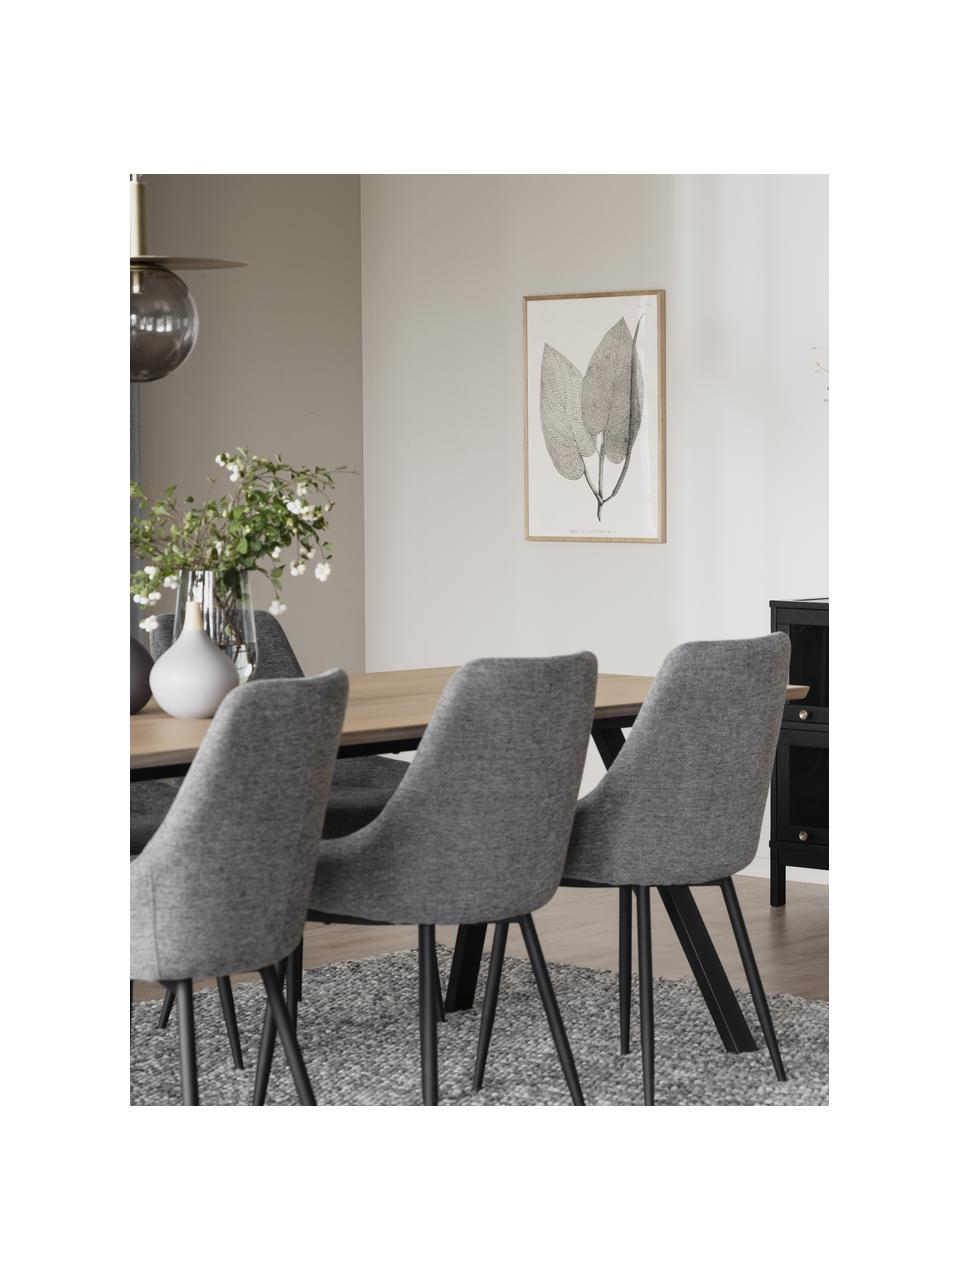 Krzesło tapicerowane Sierra, 2 szt., Tapicerka: 100% poliester, Nogi: metal malowany proszkowo, Szary, S 49 x G 55 cm